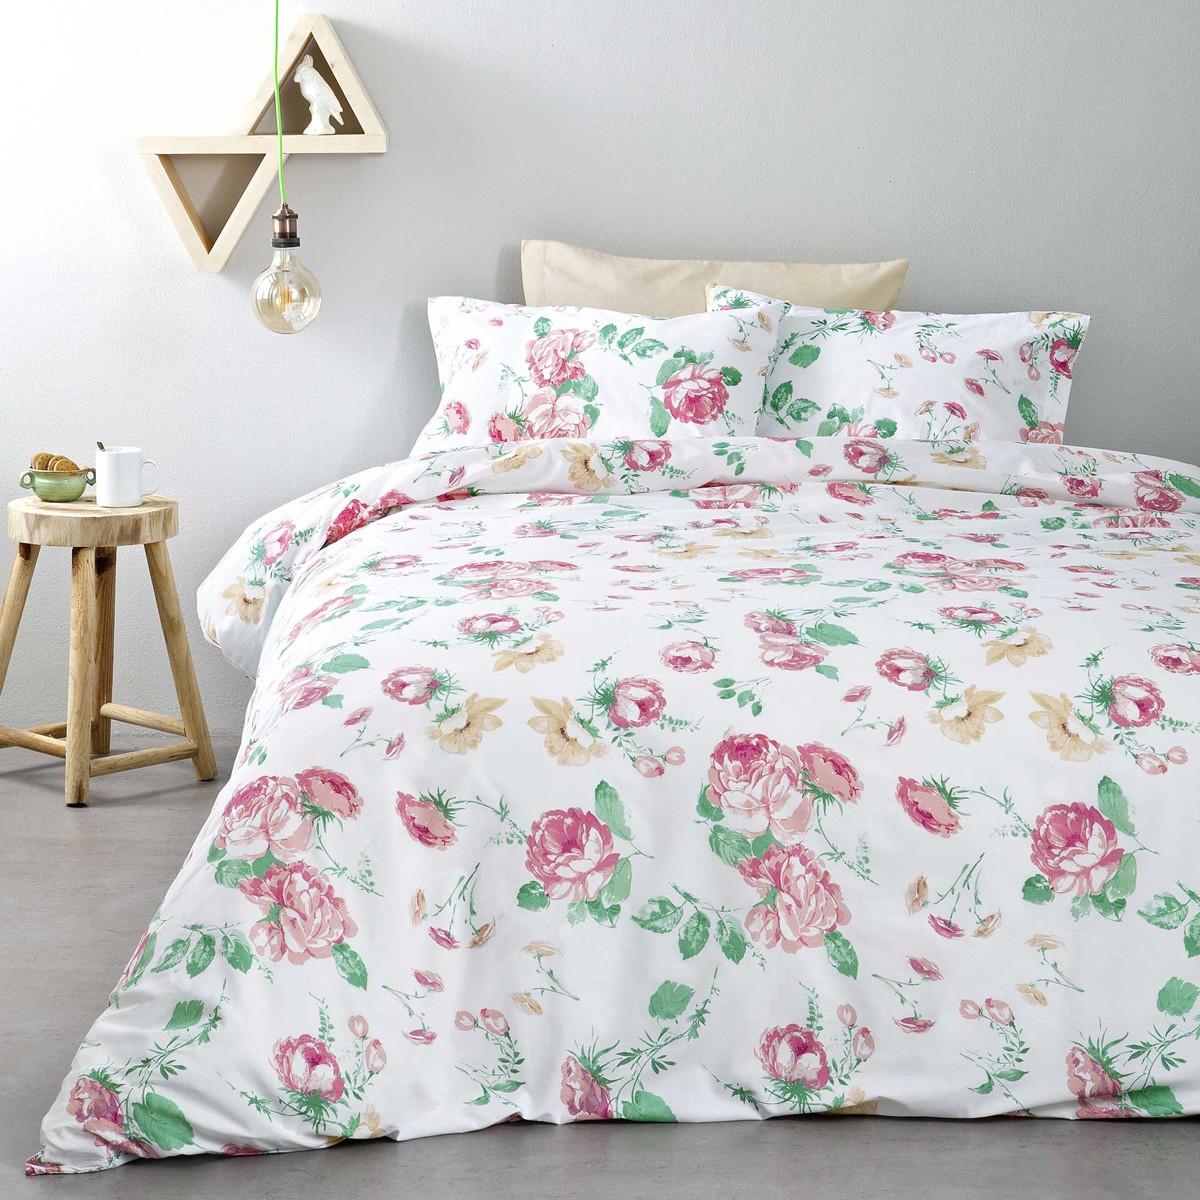 Σεντόνια Μονά (Σετ) Nima Bed Linen Blooming ΜΕ ΛΑΣΤΙΧΟ ΜΕ ΛΑΣΤΙΧΟ